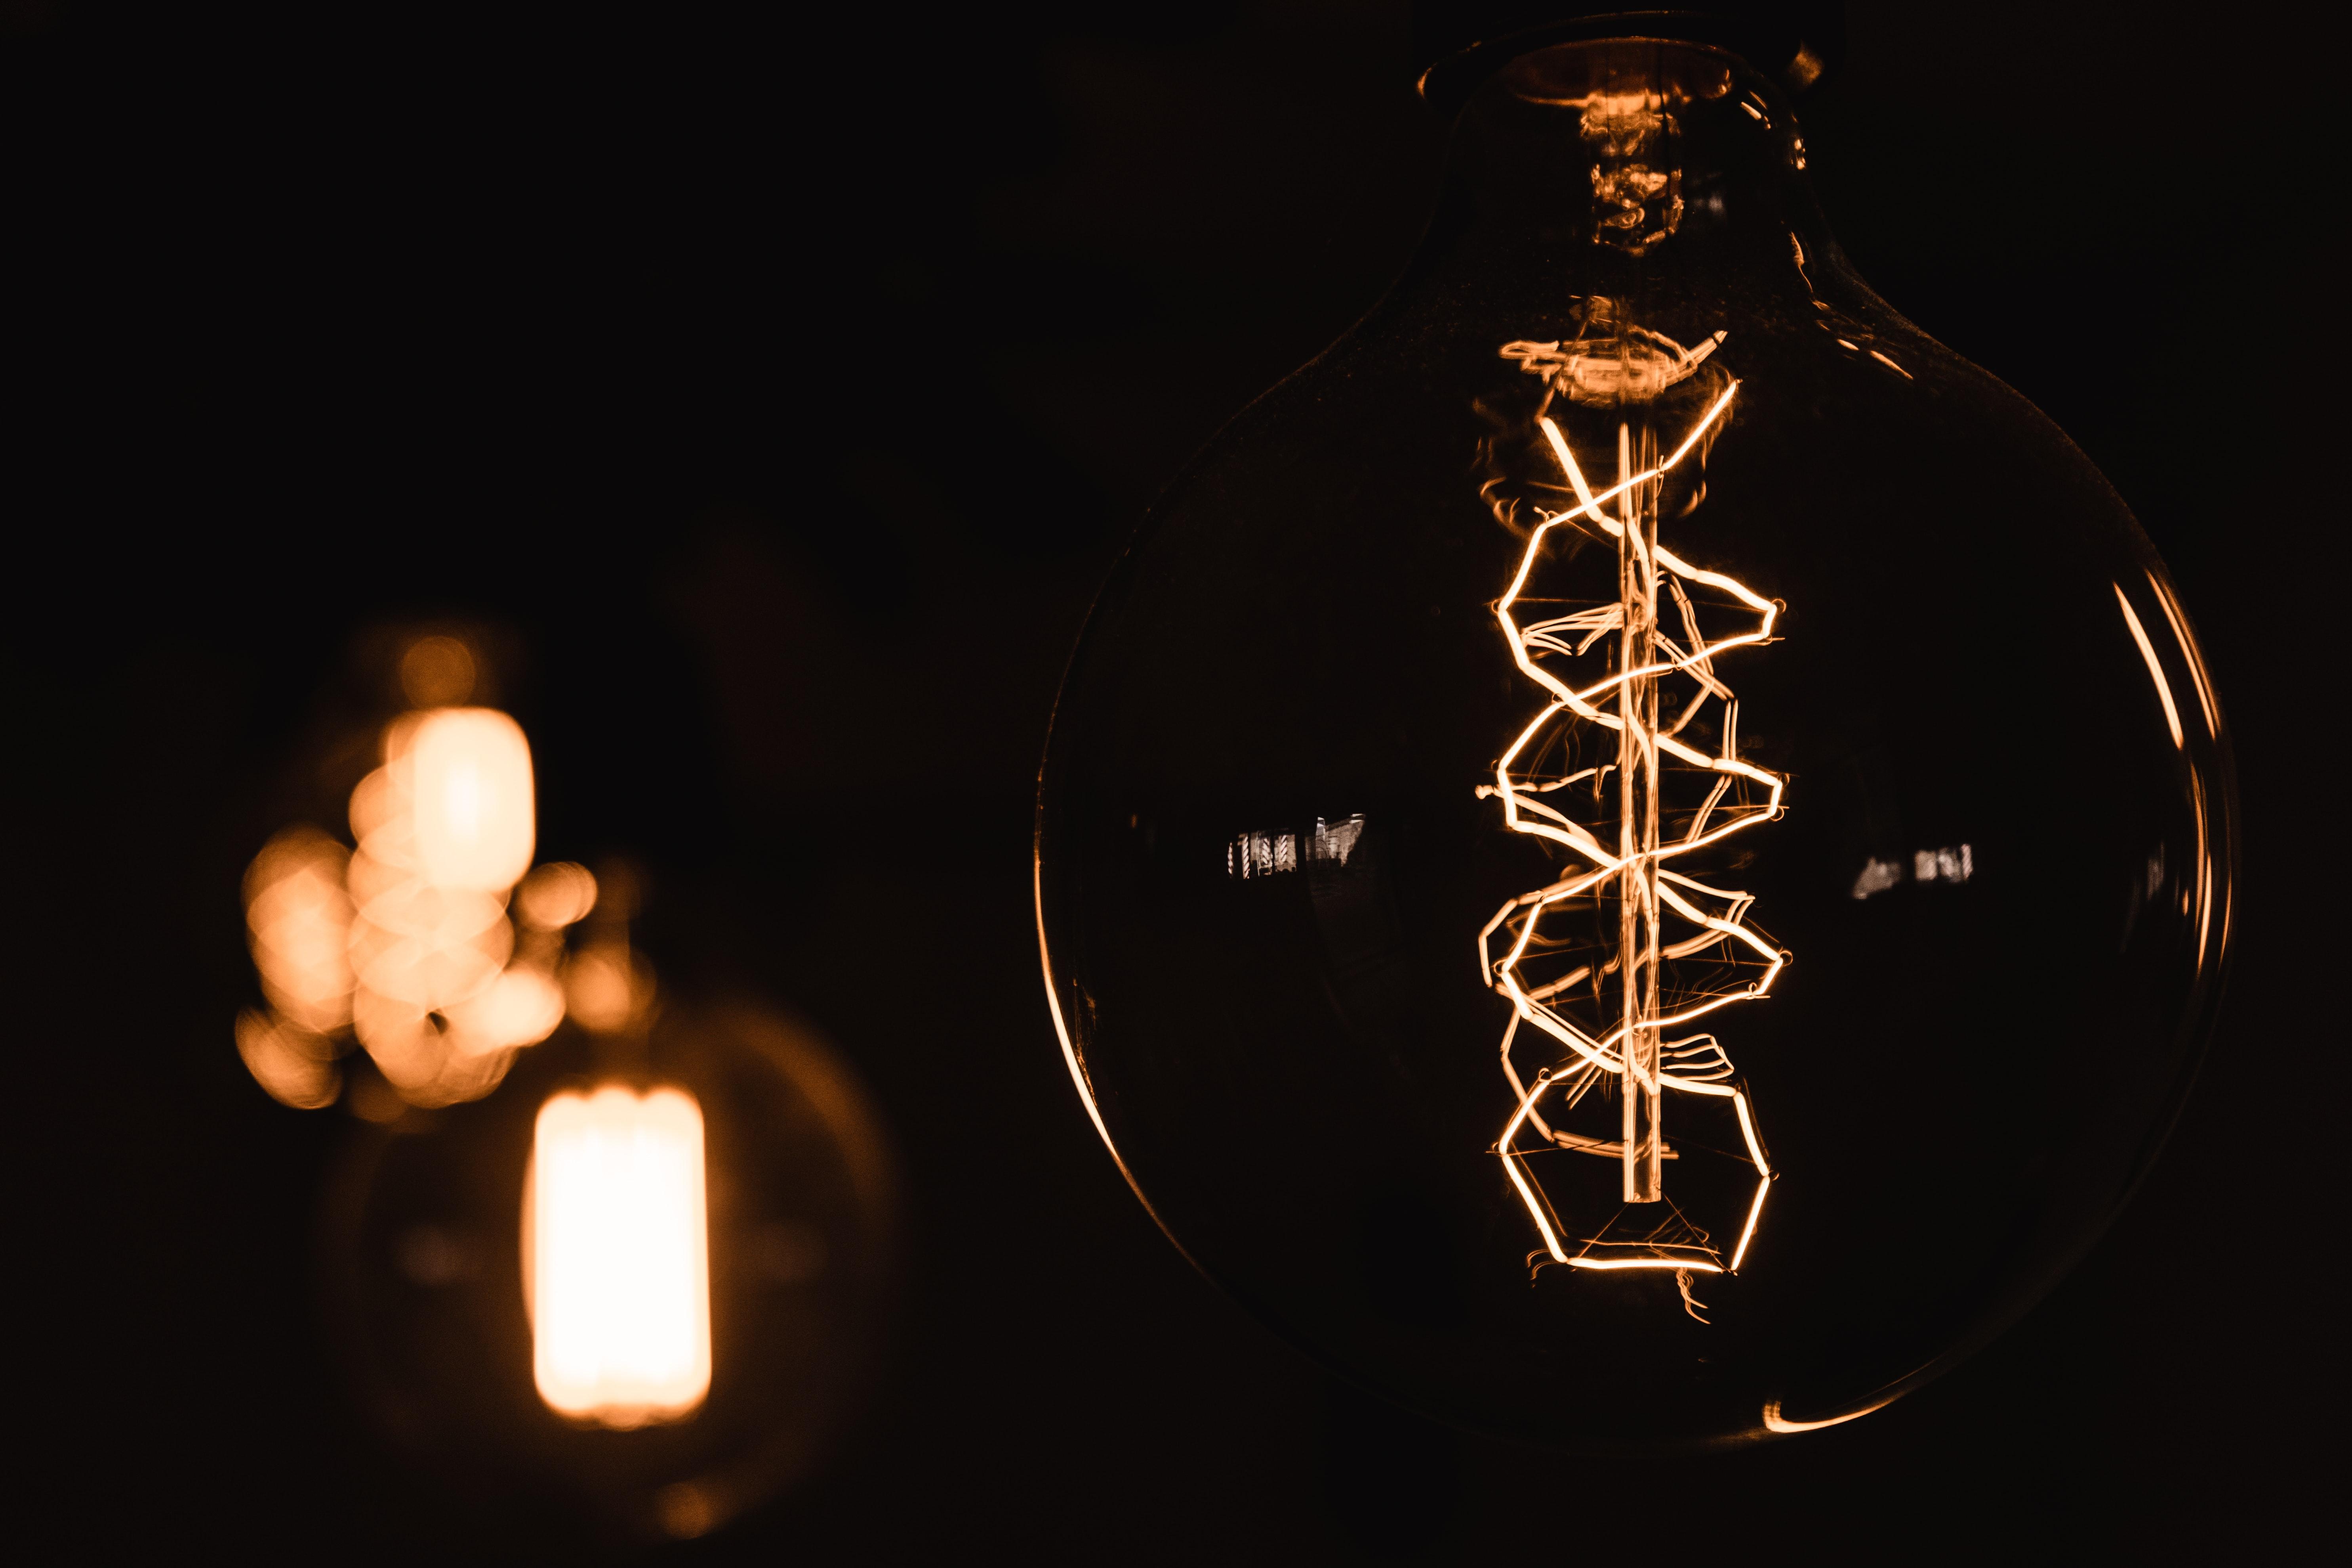 martin adams sq1dNSxyGdU unsplash - Finde den helt rigtige LED pære